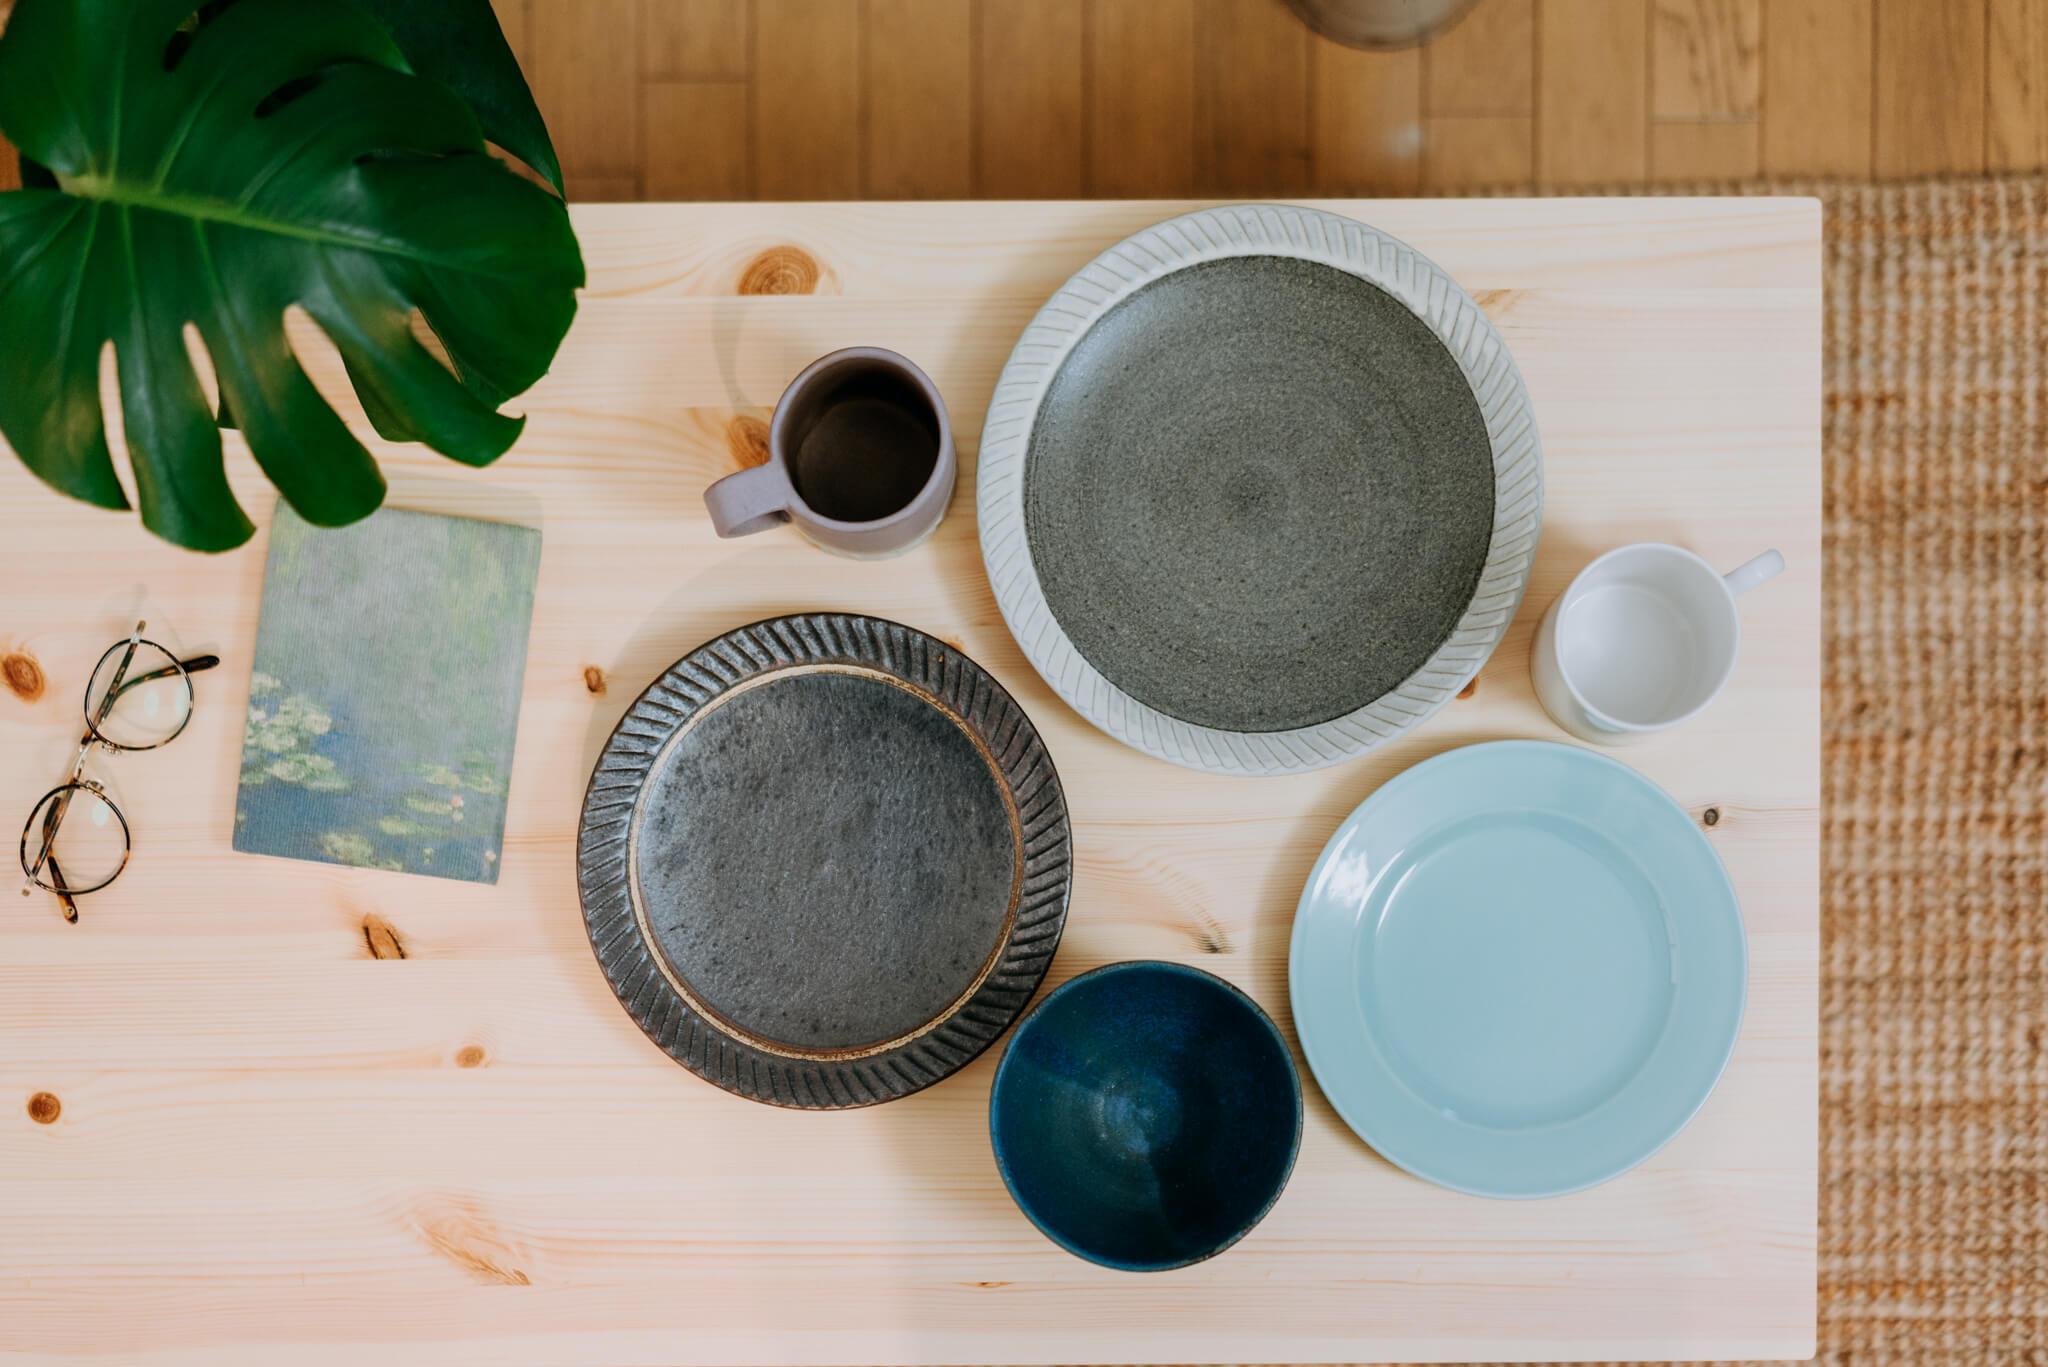 器も好きで、よく陶器市に行かれるという神山さん。笠間の陶炎祭(ひまつり)で買ったものや、お友達が作ったものなど、素敵な器がたくさん。